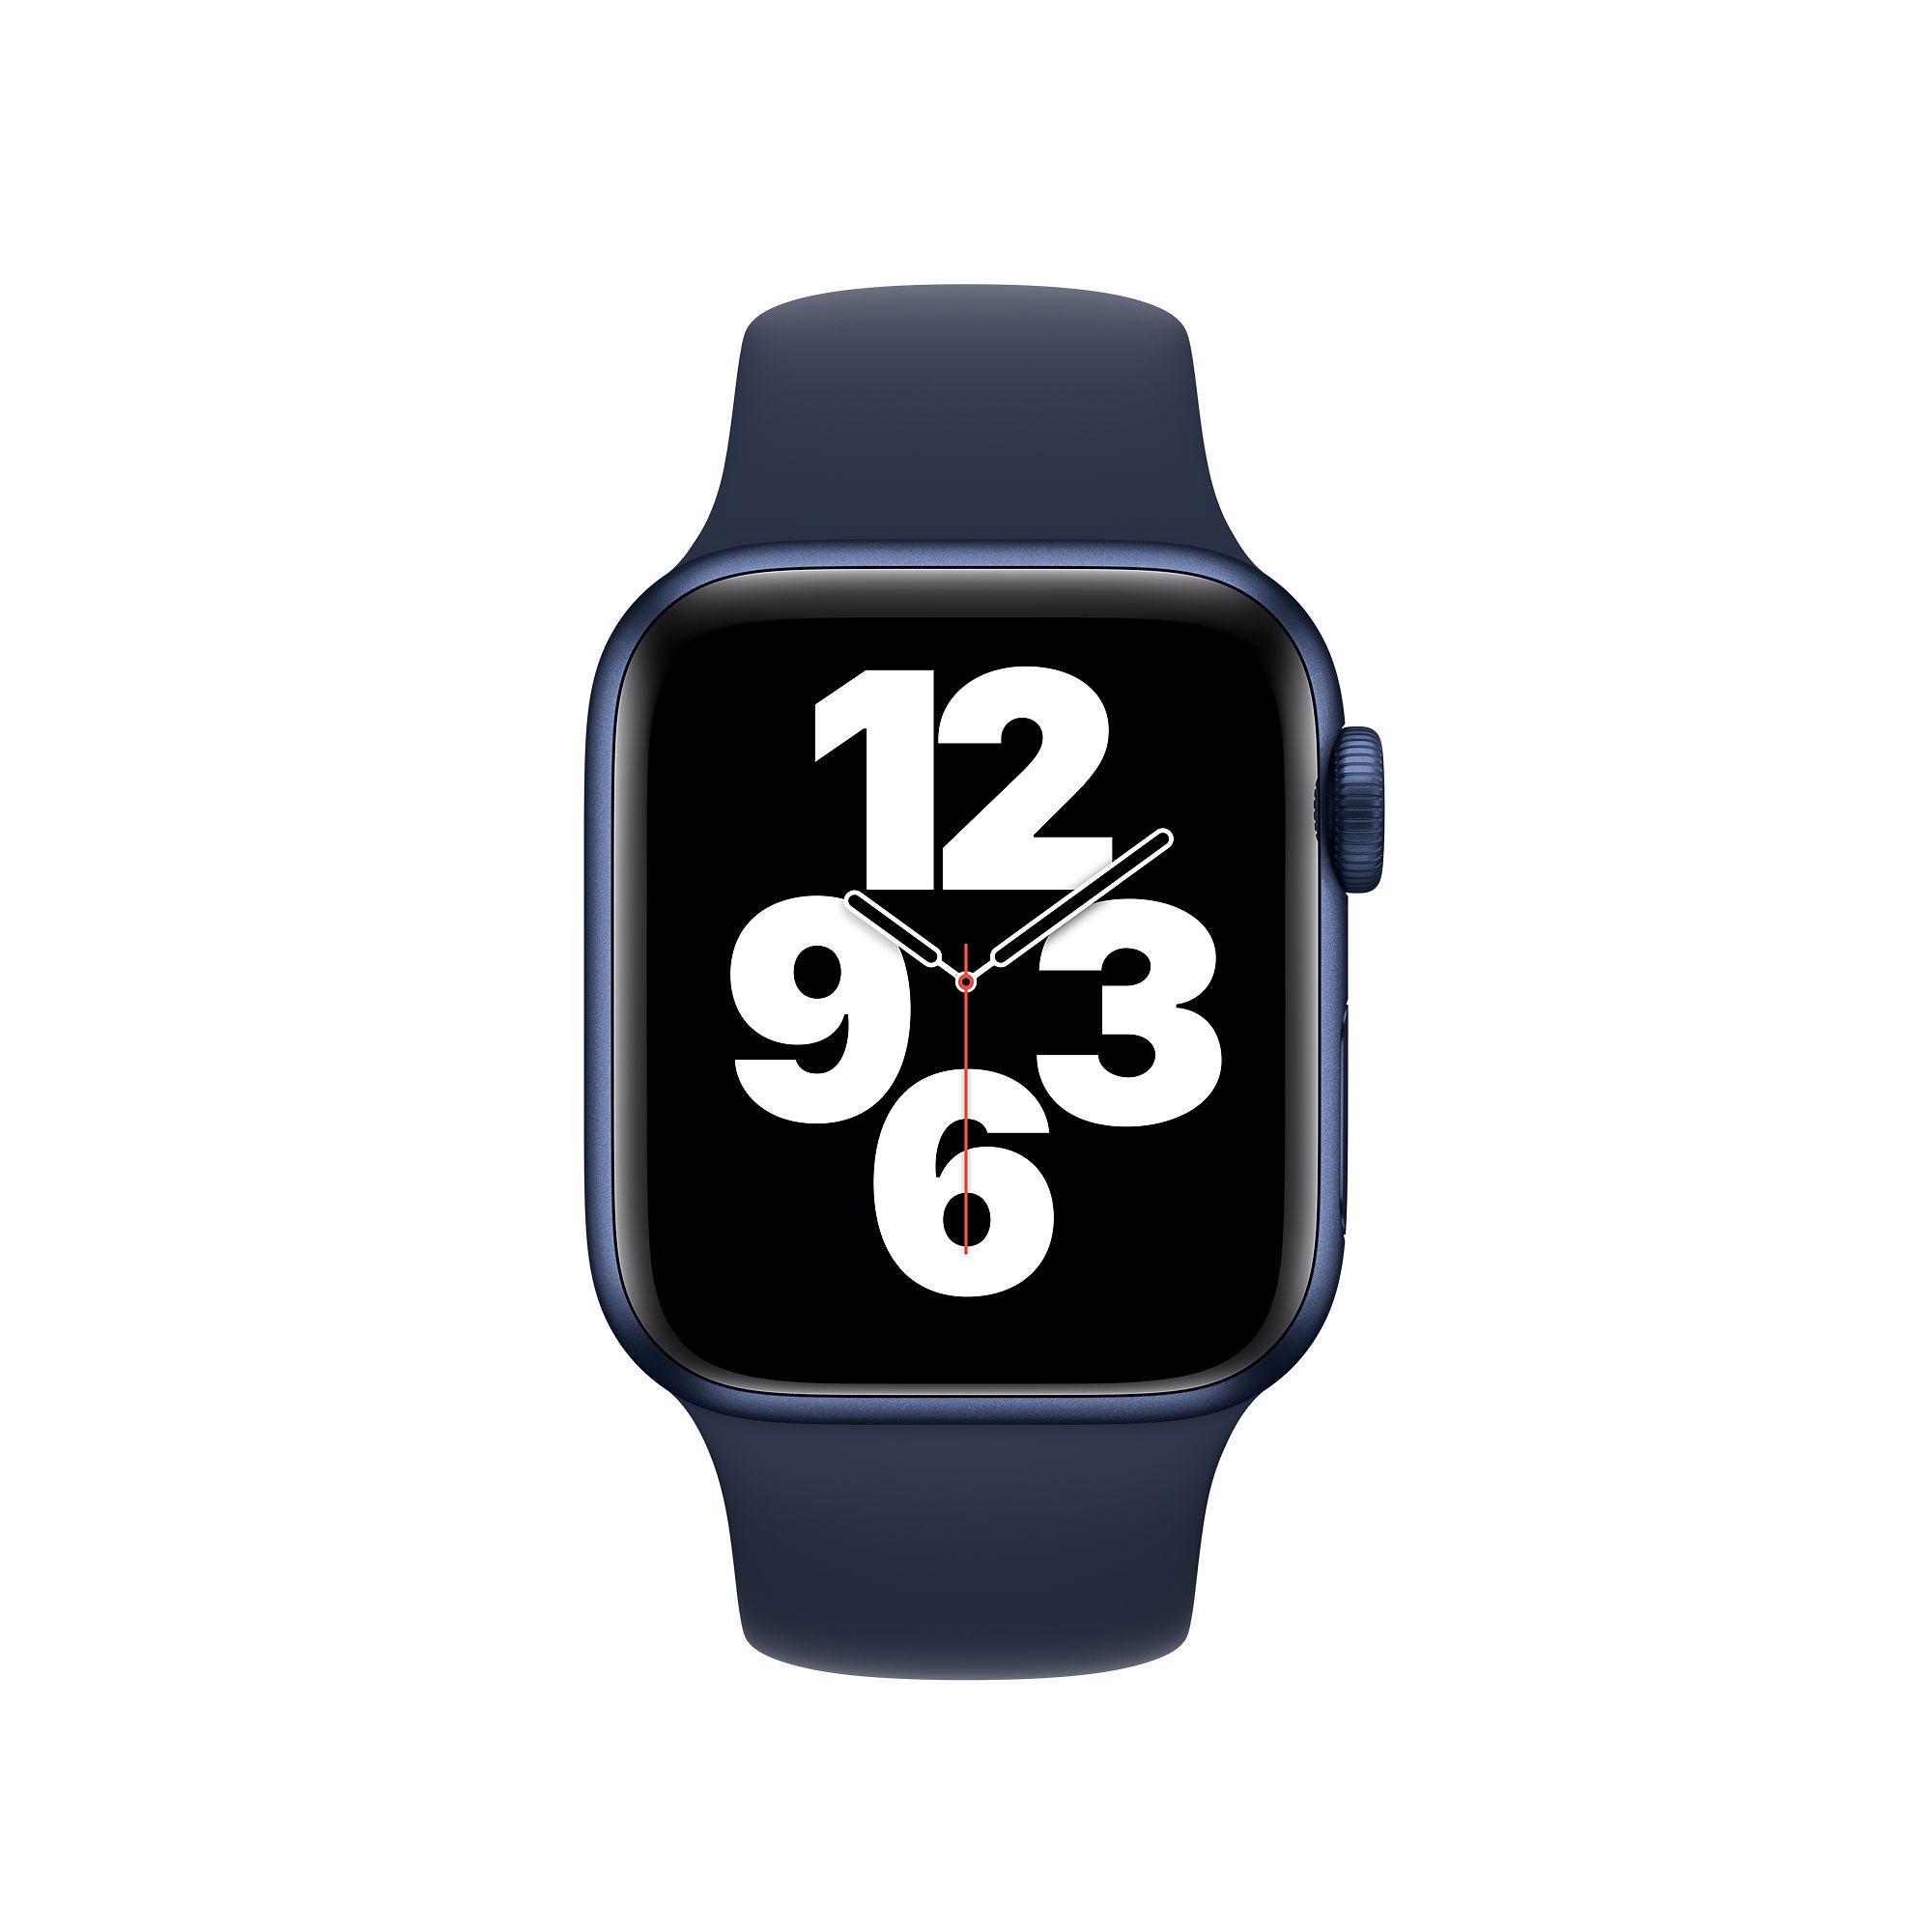 Apple Watch Series 5 44mm 40mm Deep Navy Sport Band